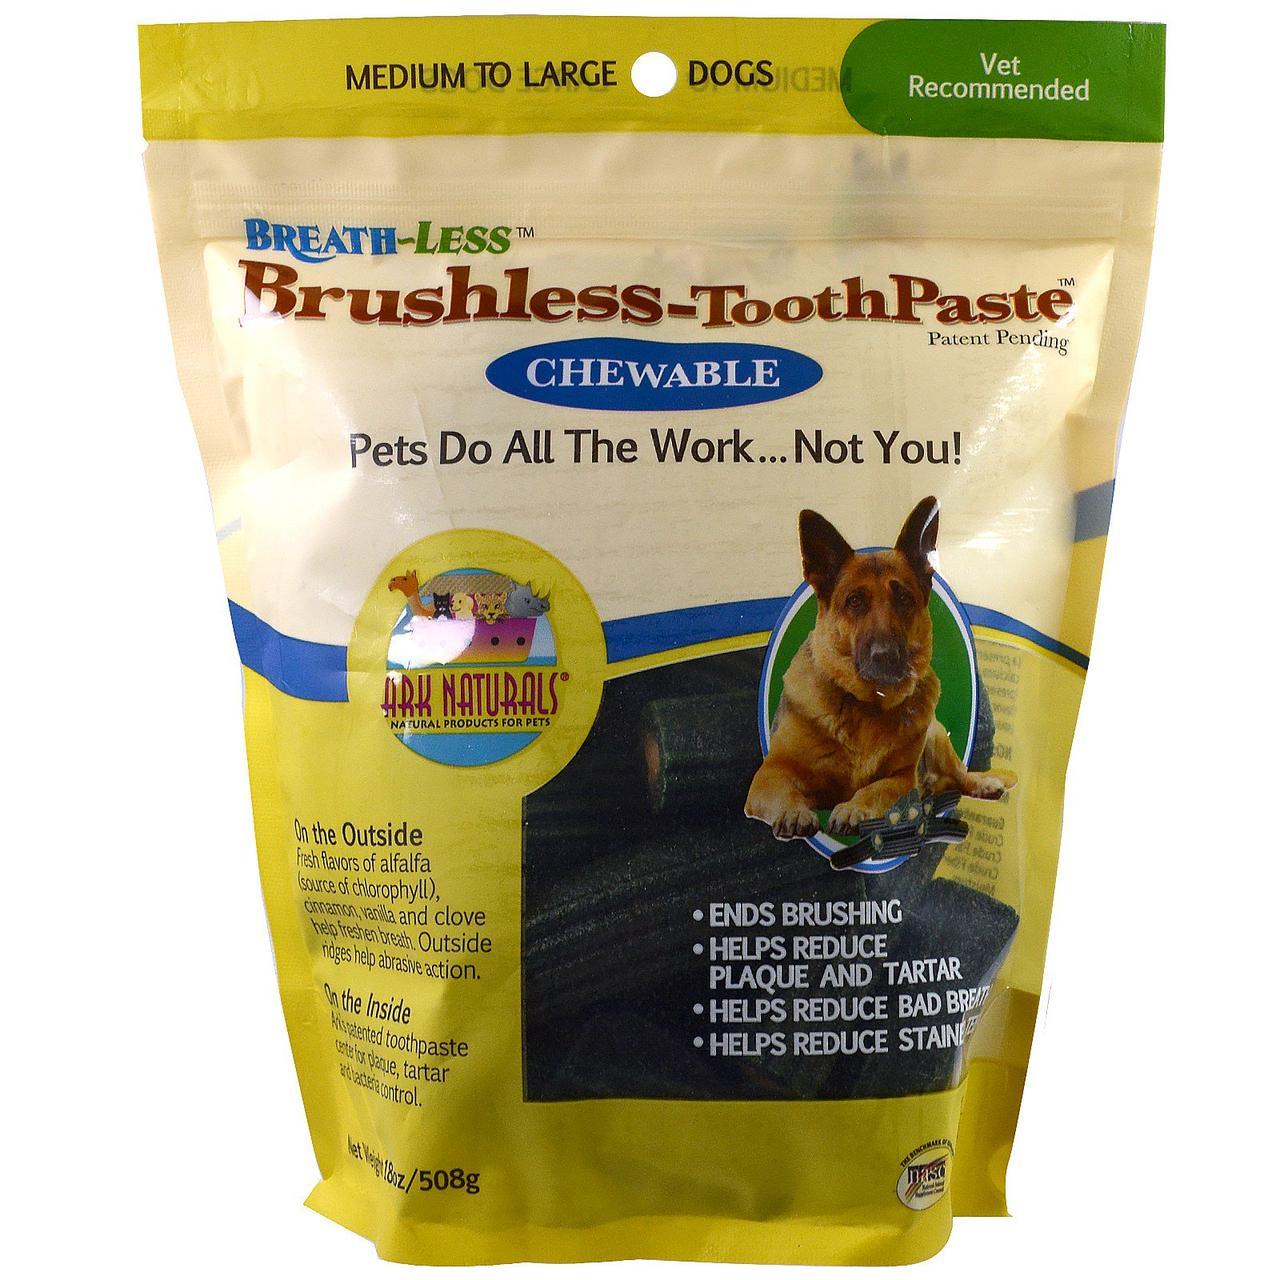 Жевательная зубная паста, для средних и крупных собак, Ark Naturals, 508 г